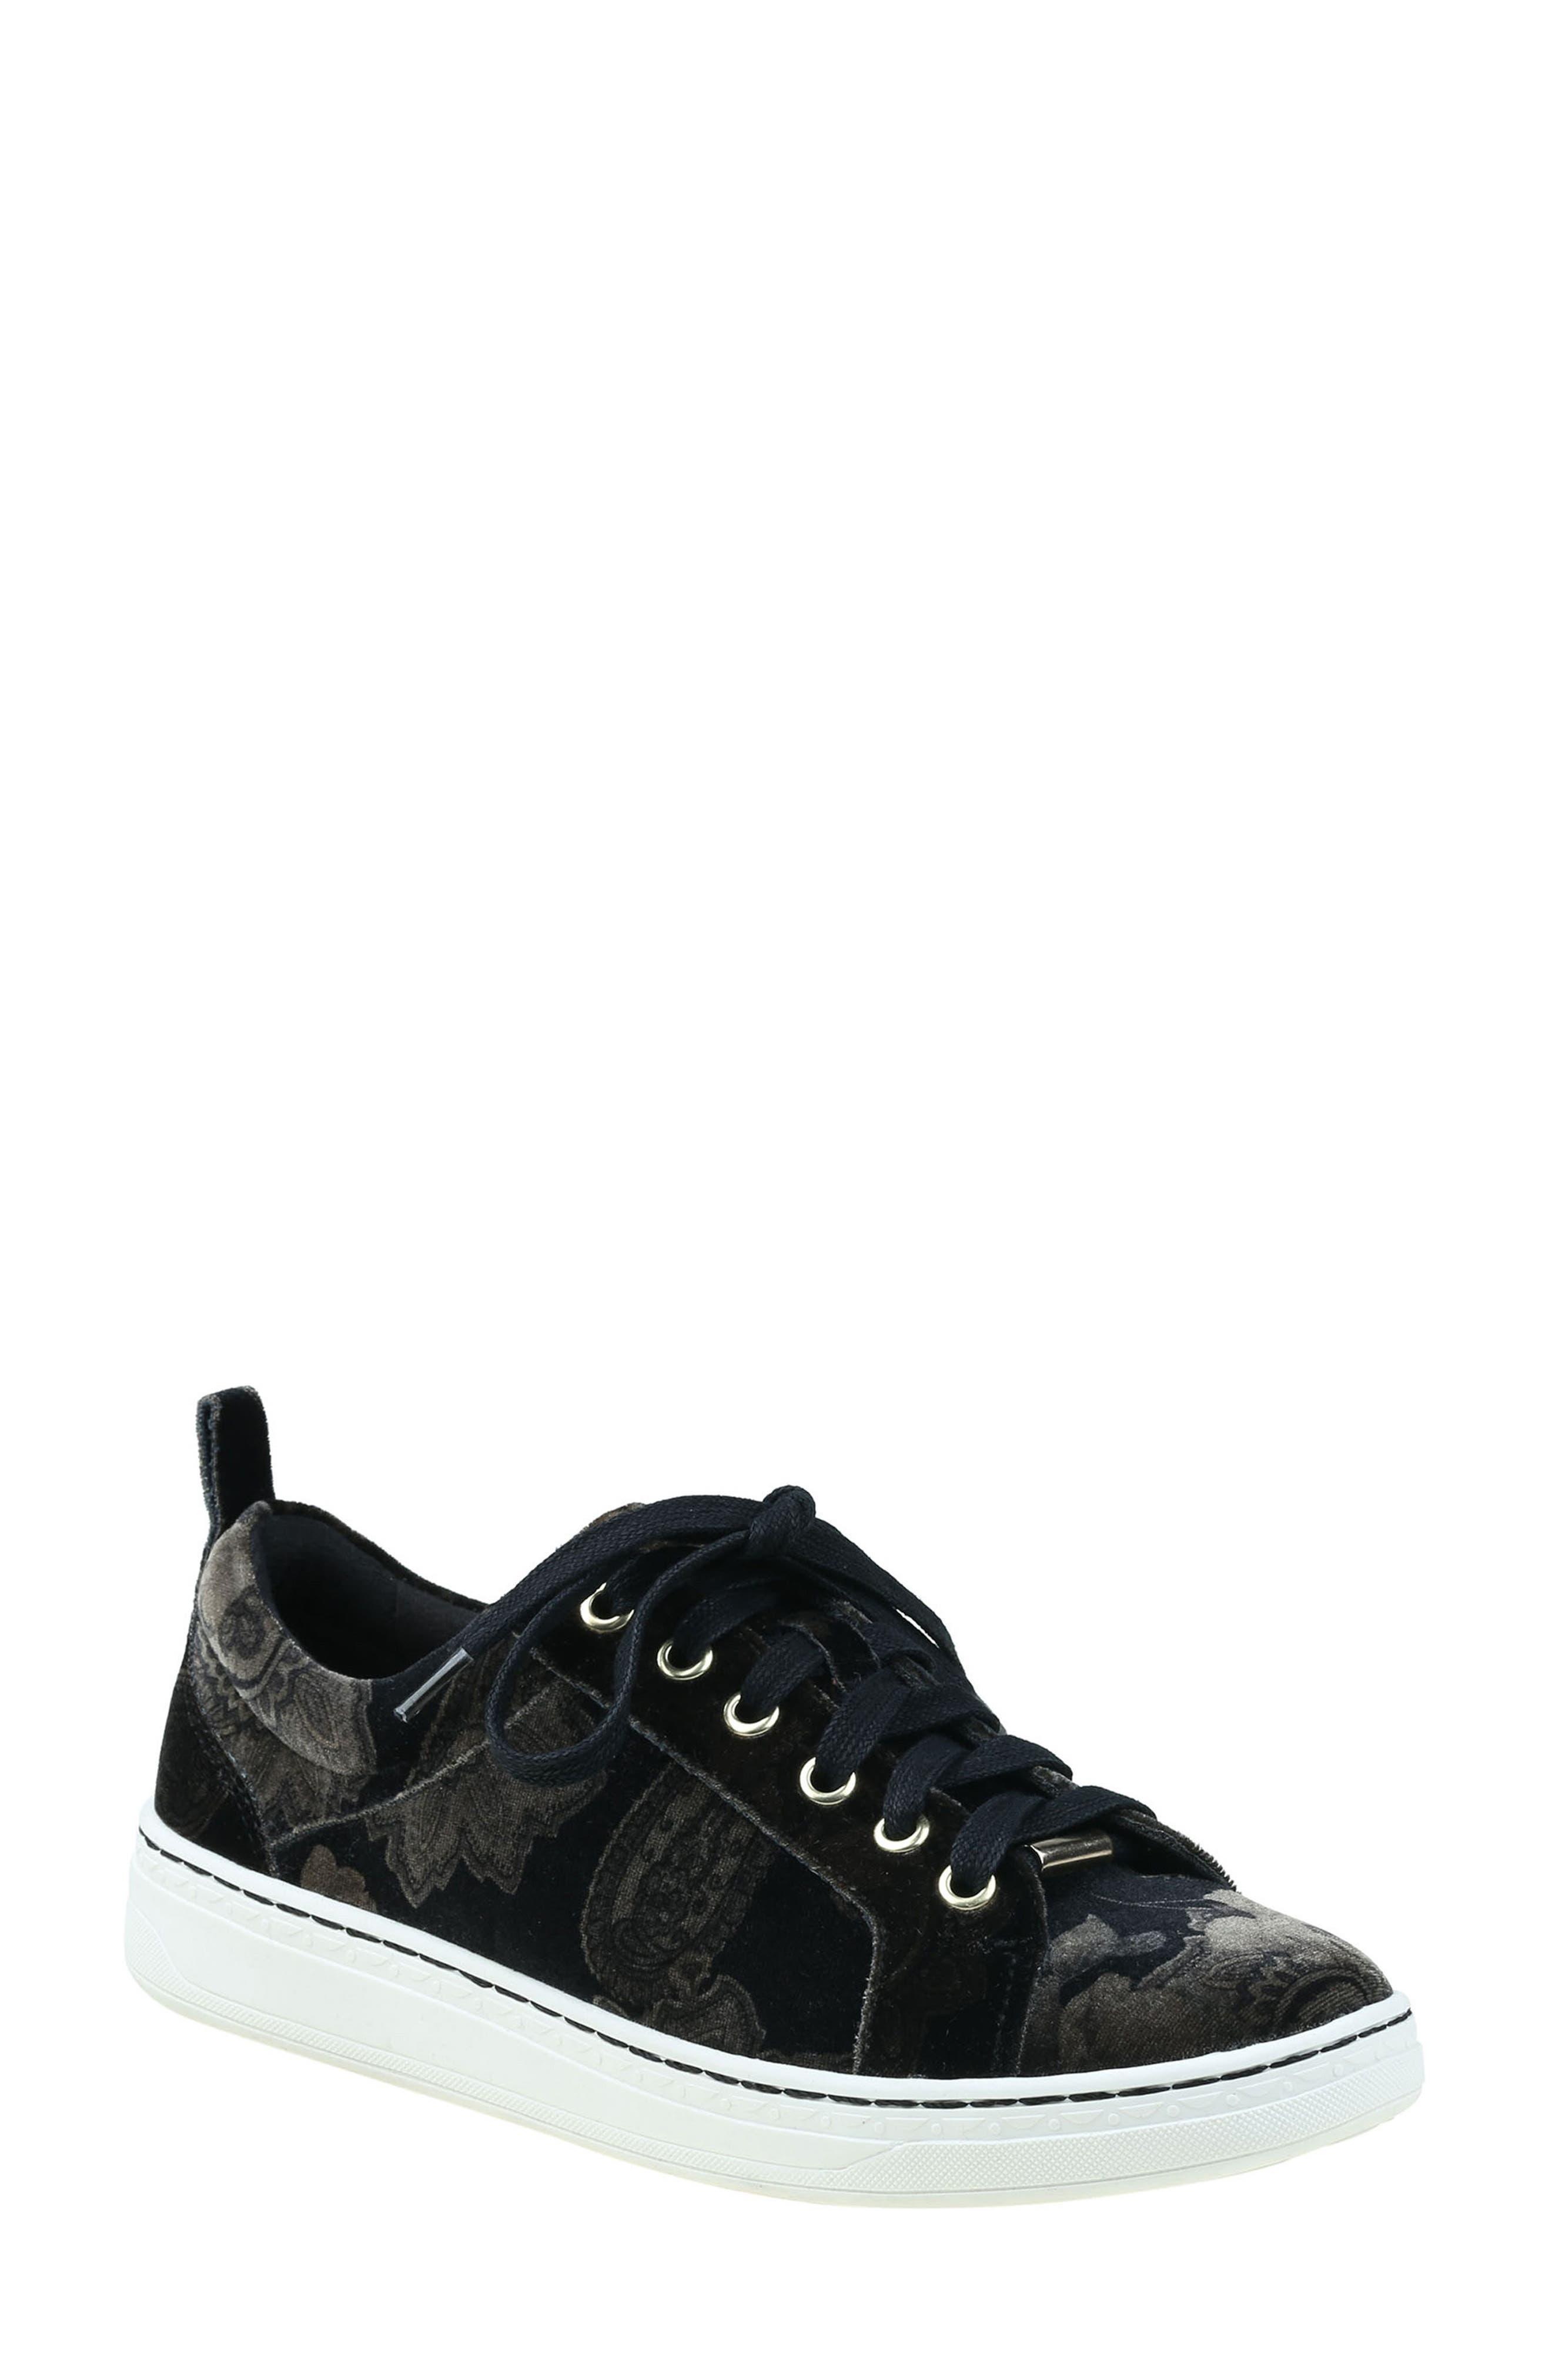 Zag Sneaker,                             Main thumbnail 1, color,                             Black Printed Velvet